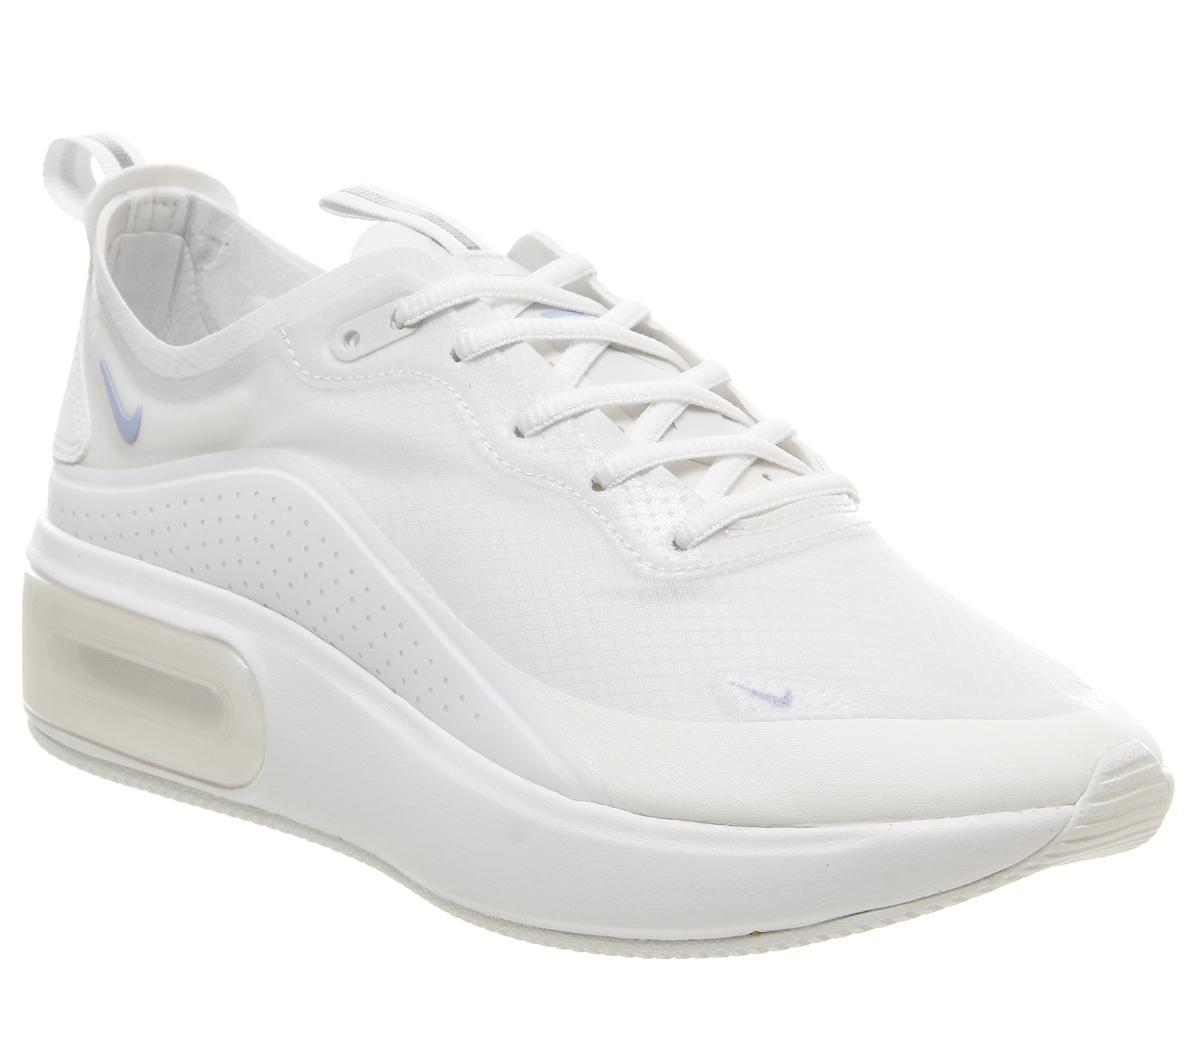 precio de descuento Venta caliente 2019 venta de tienda outlet Nike Air Max Dia Trainers Summit White Black Summit White F - Hers ...